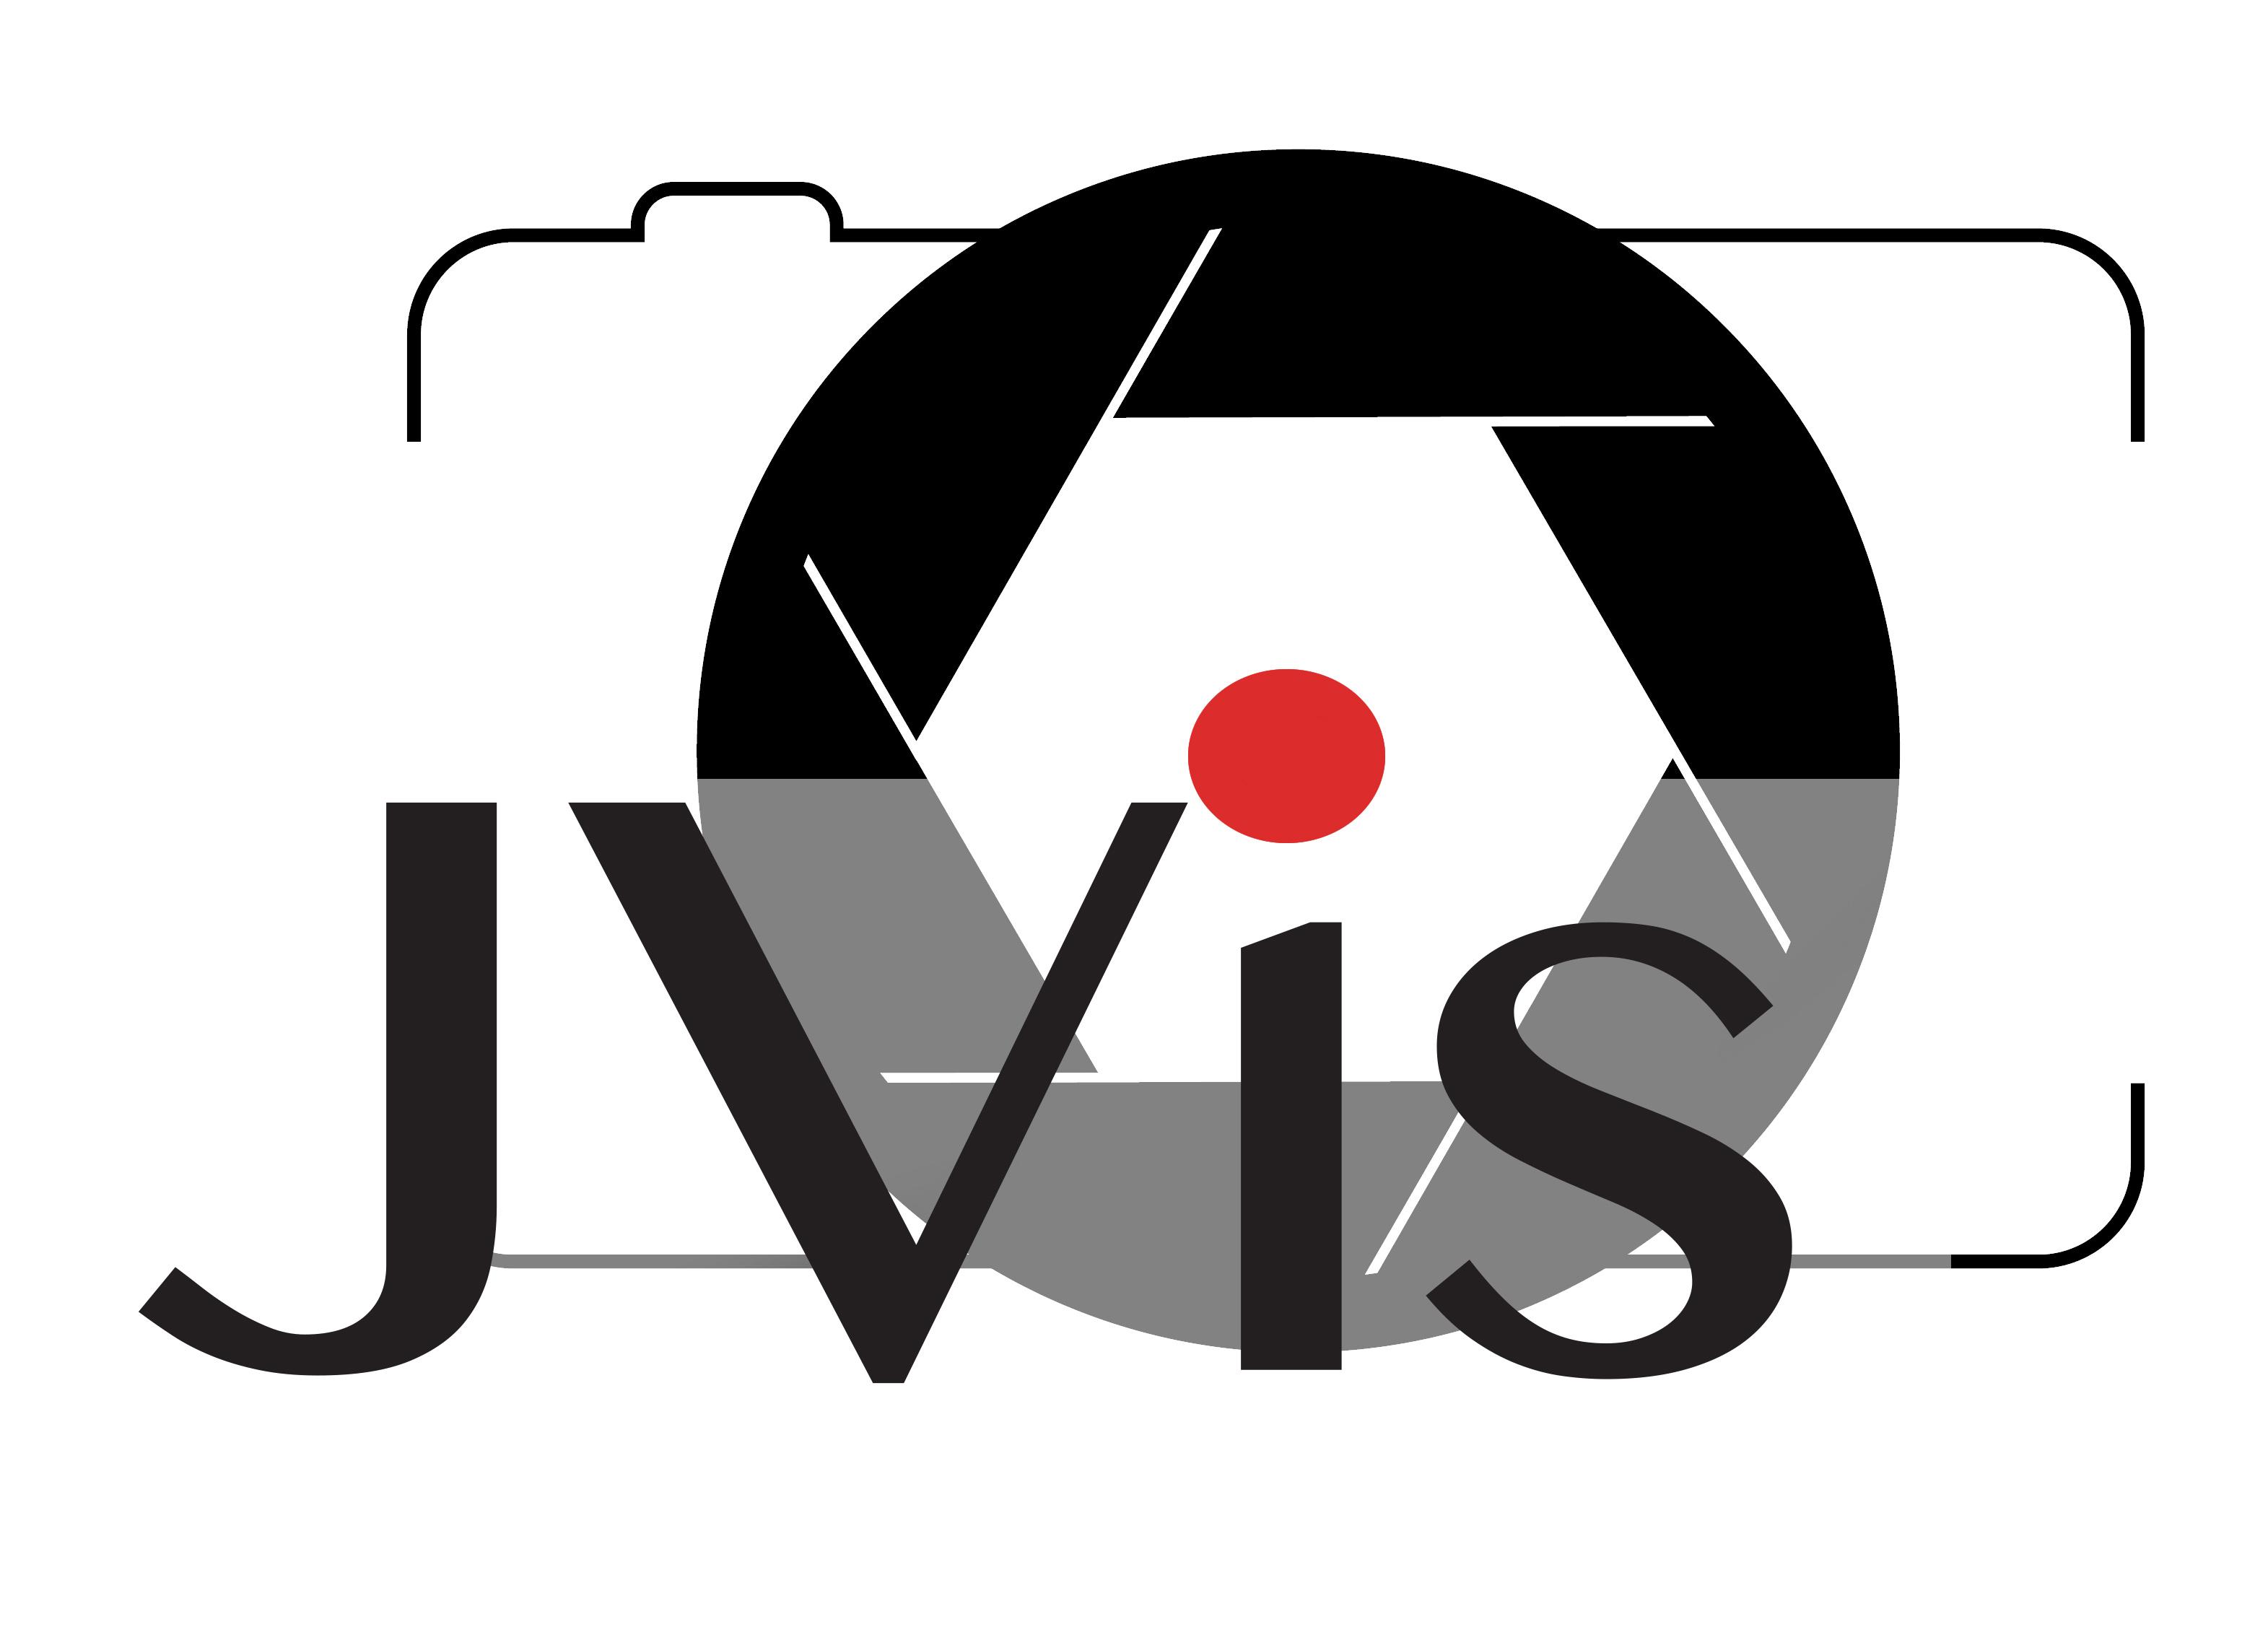 J Visual (2015)